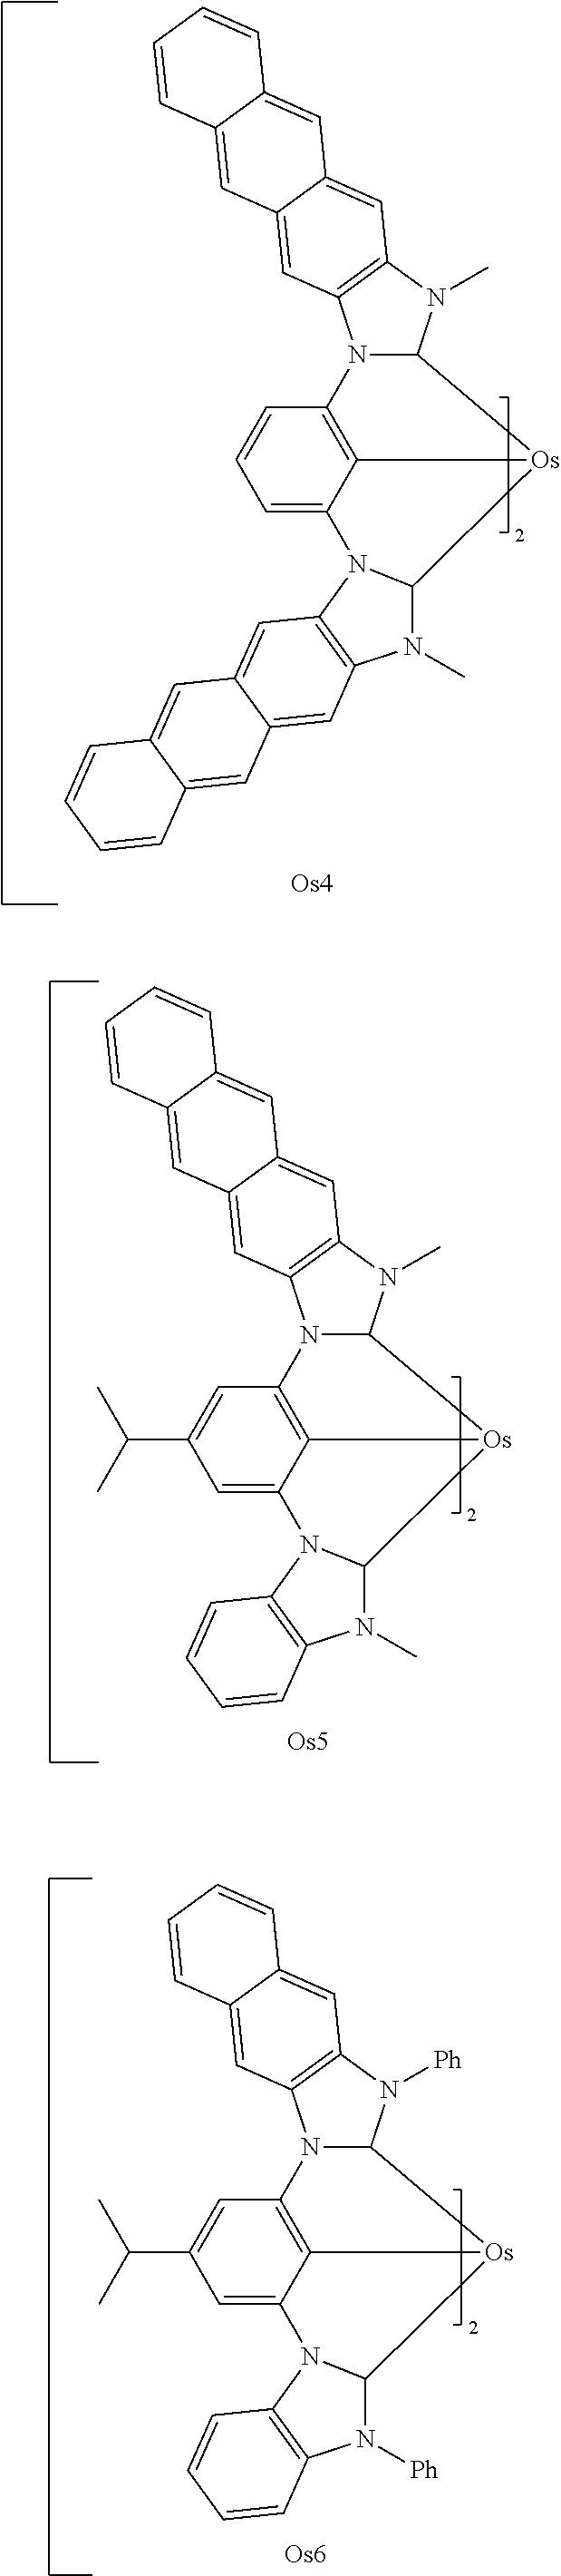 Figure US08383249-20130226-C00013